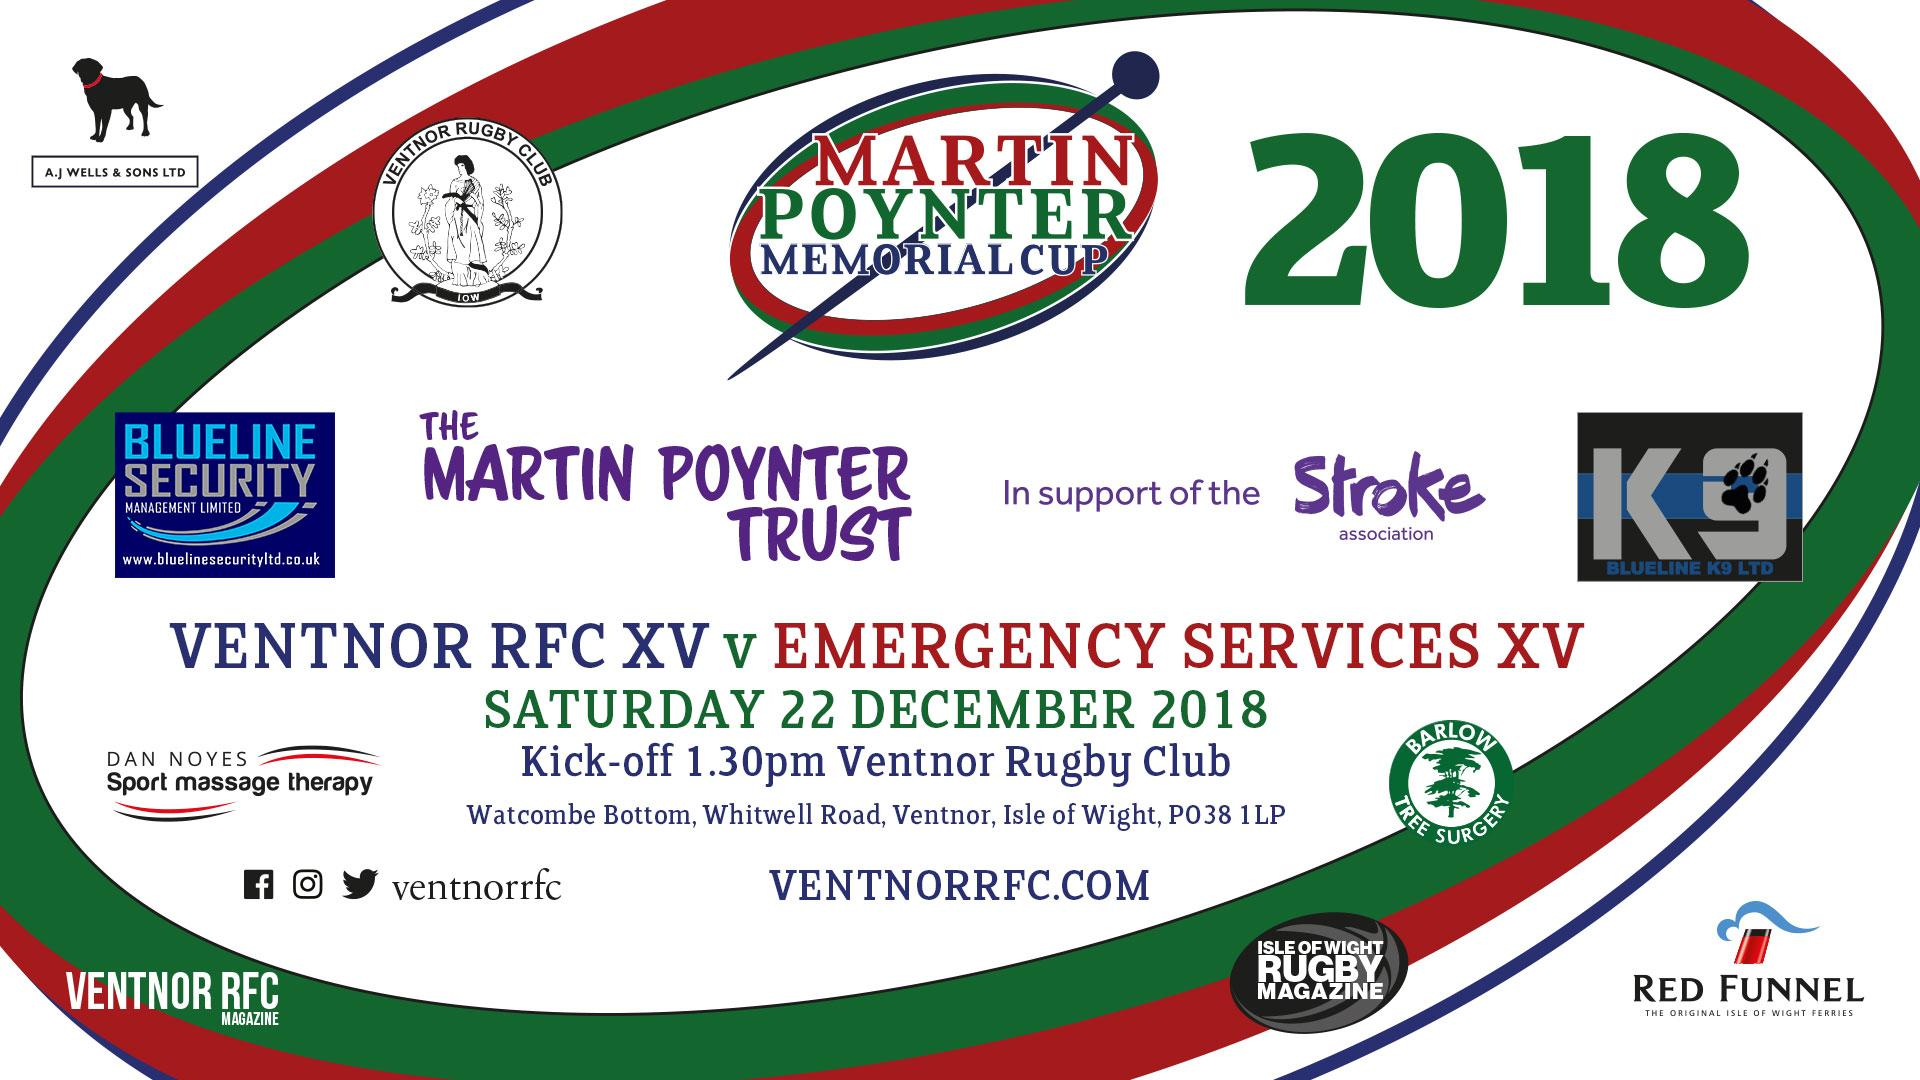 martin-poynter-memorial-cup-2018-fb-1920x1080-mk2